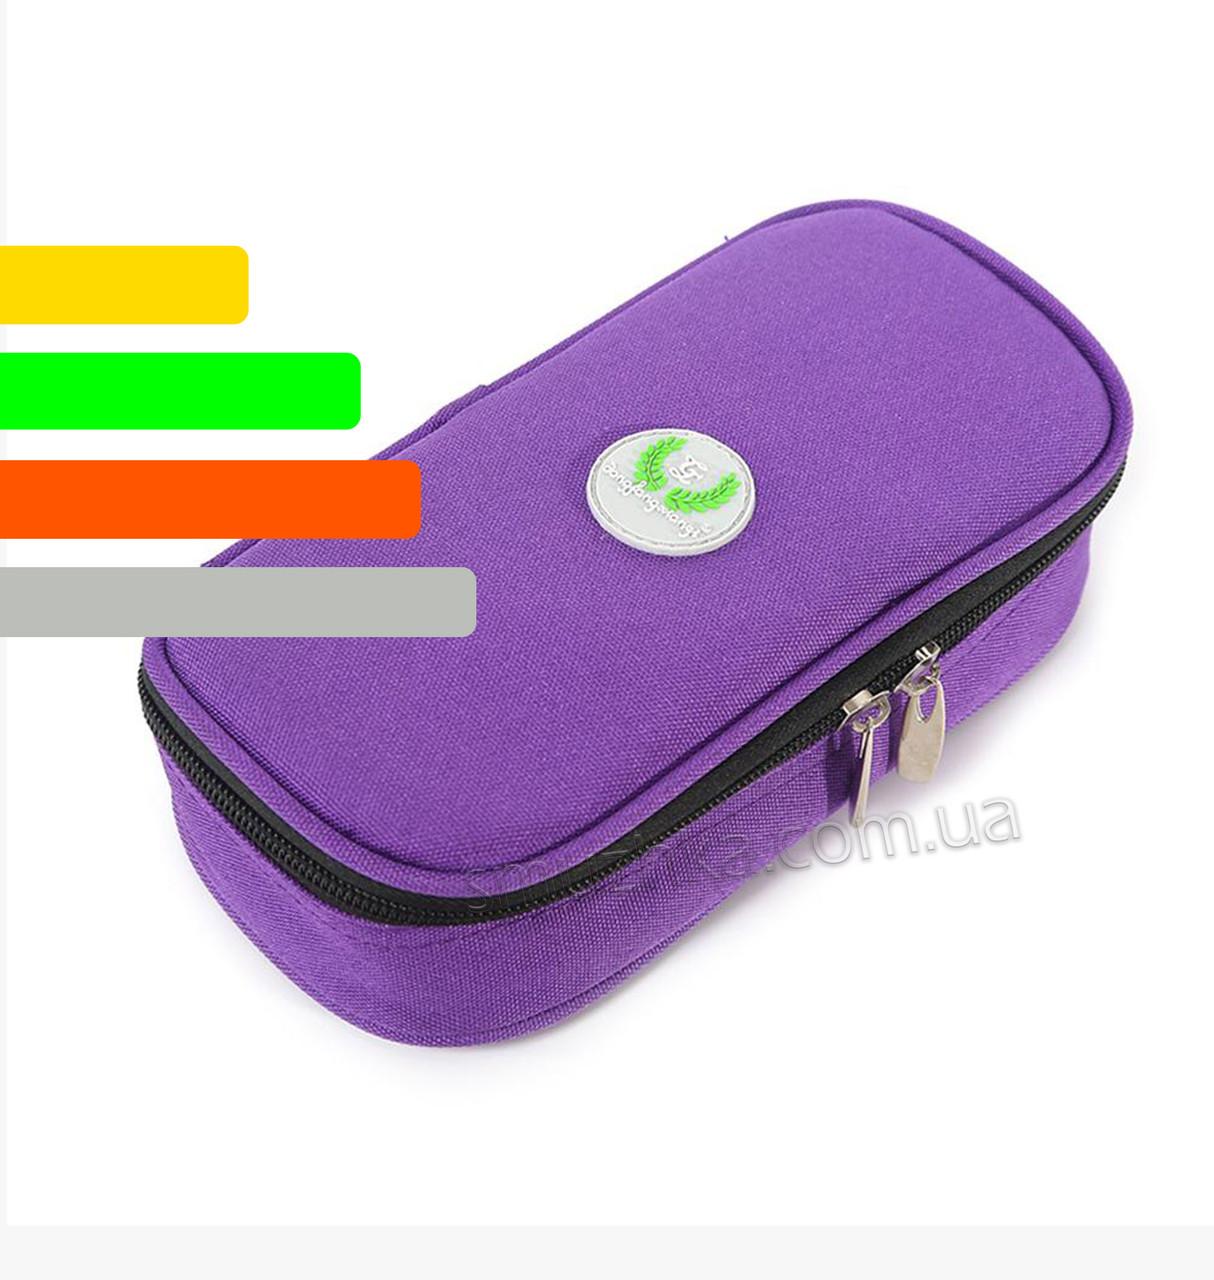 Чехол для хранения инсулина с термометром +4 до +24°C фиолетовый